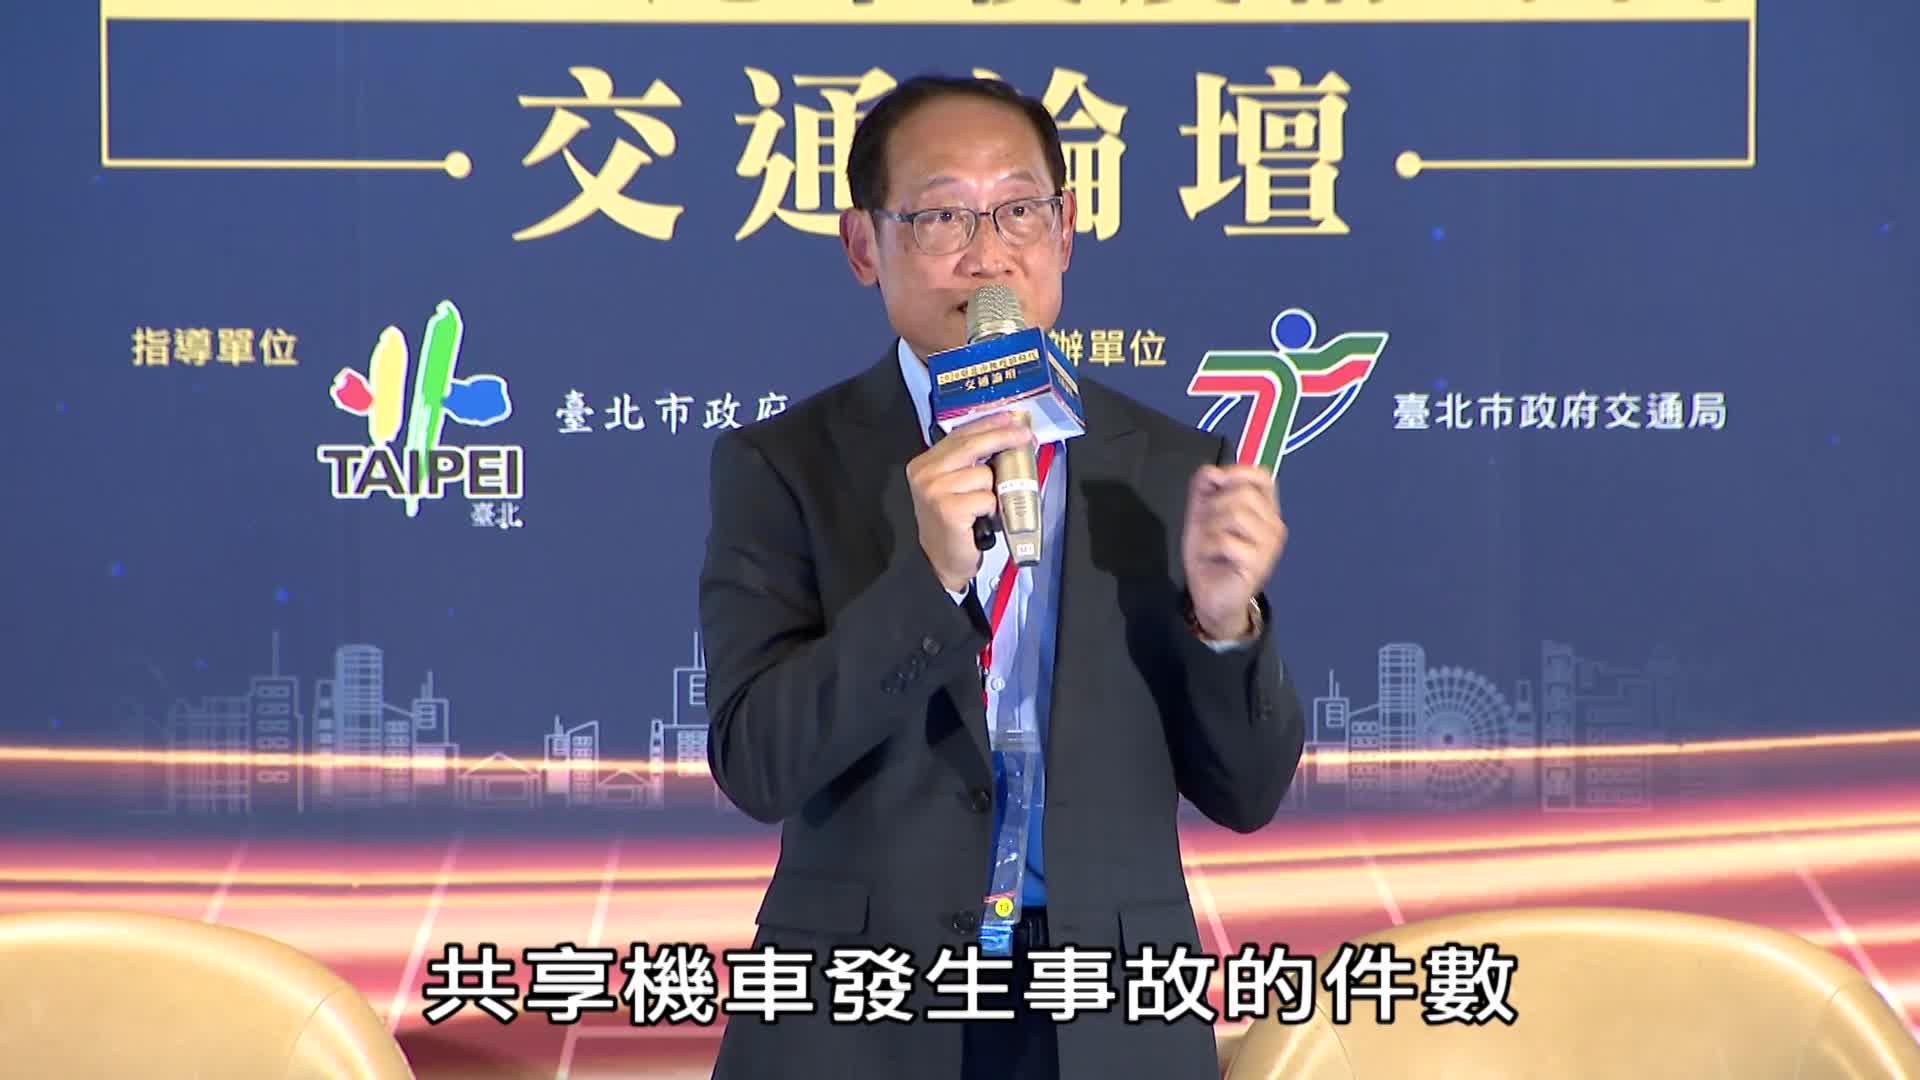 臺北市交通壅塞 綠色運輸和共享汽機車來解套!?